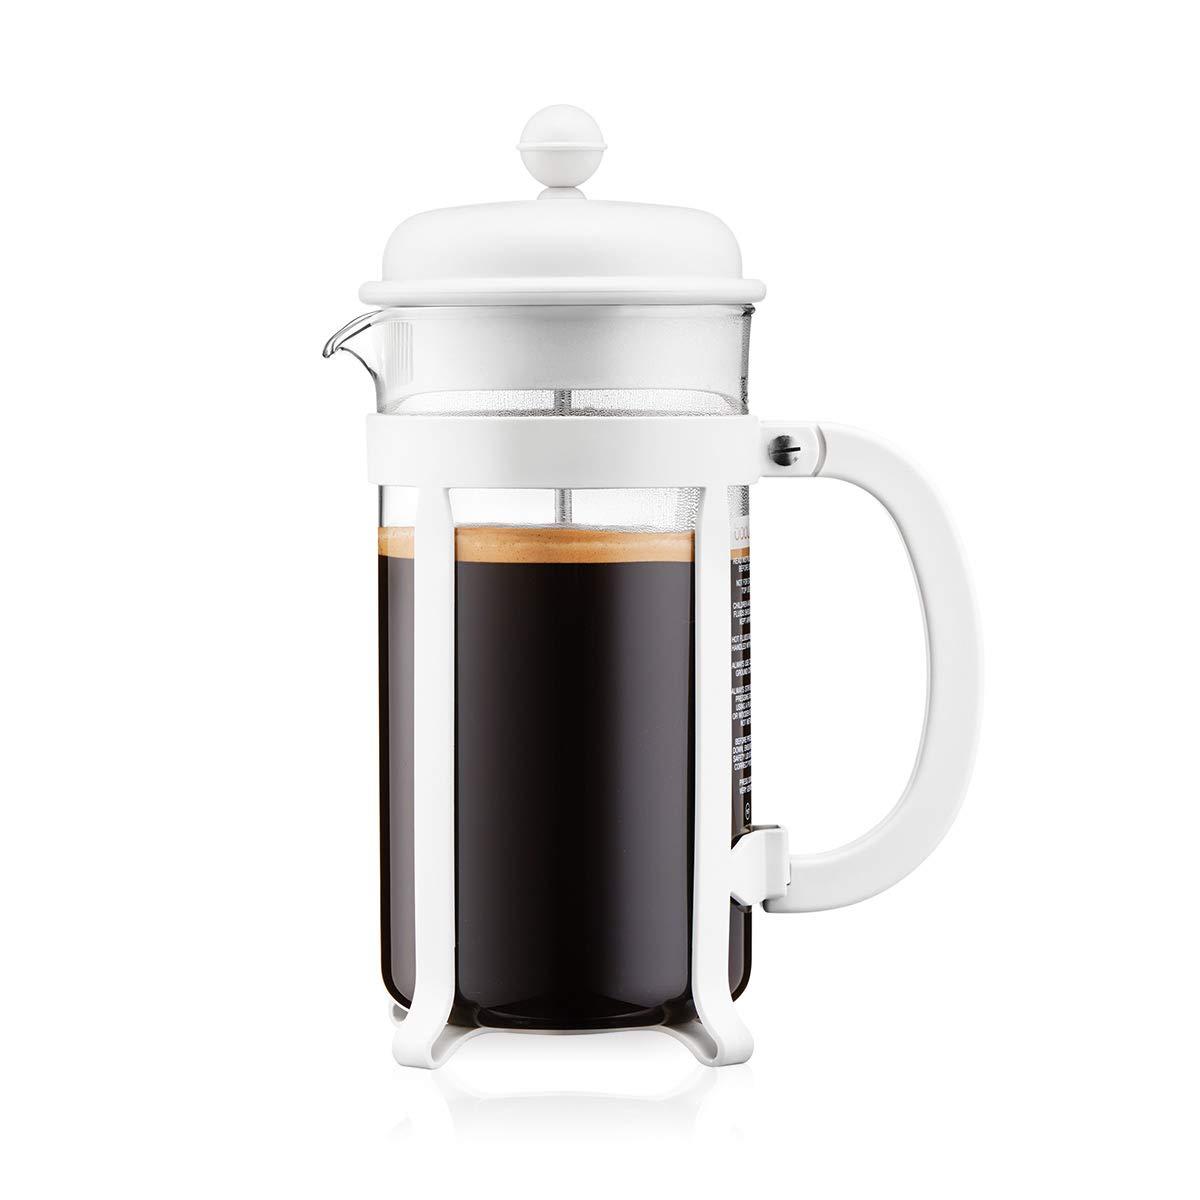 Bodum - 1908-913 - Java - Cafetera 8 Tazas - 1.0 l - Color Blanco Crema: Amazon.es: Hogar